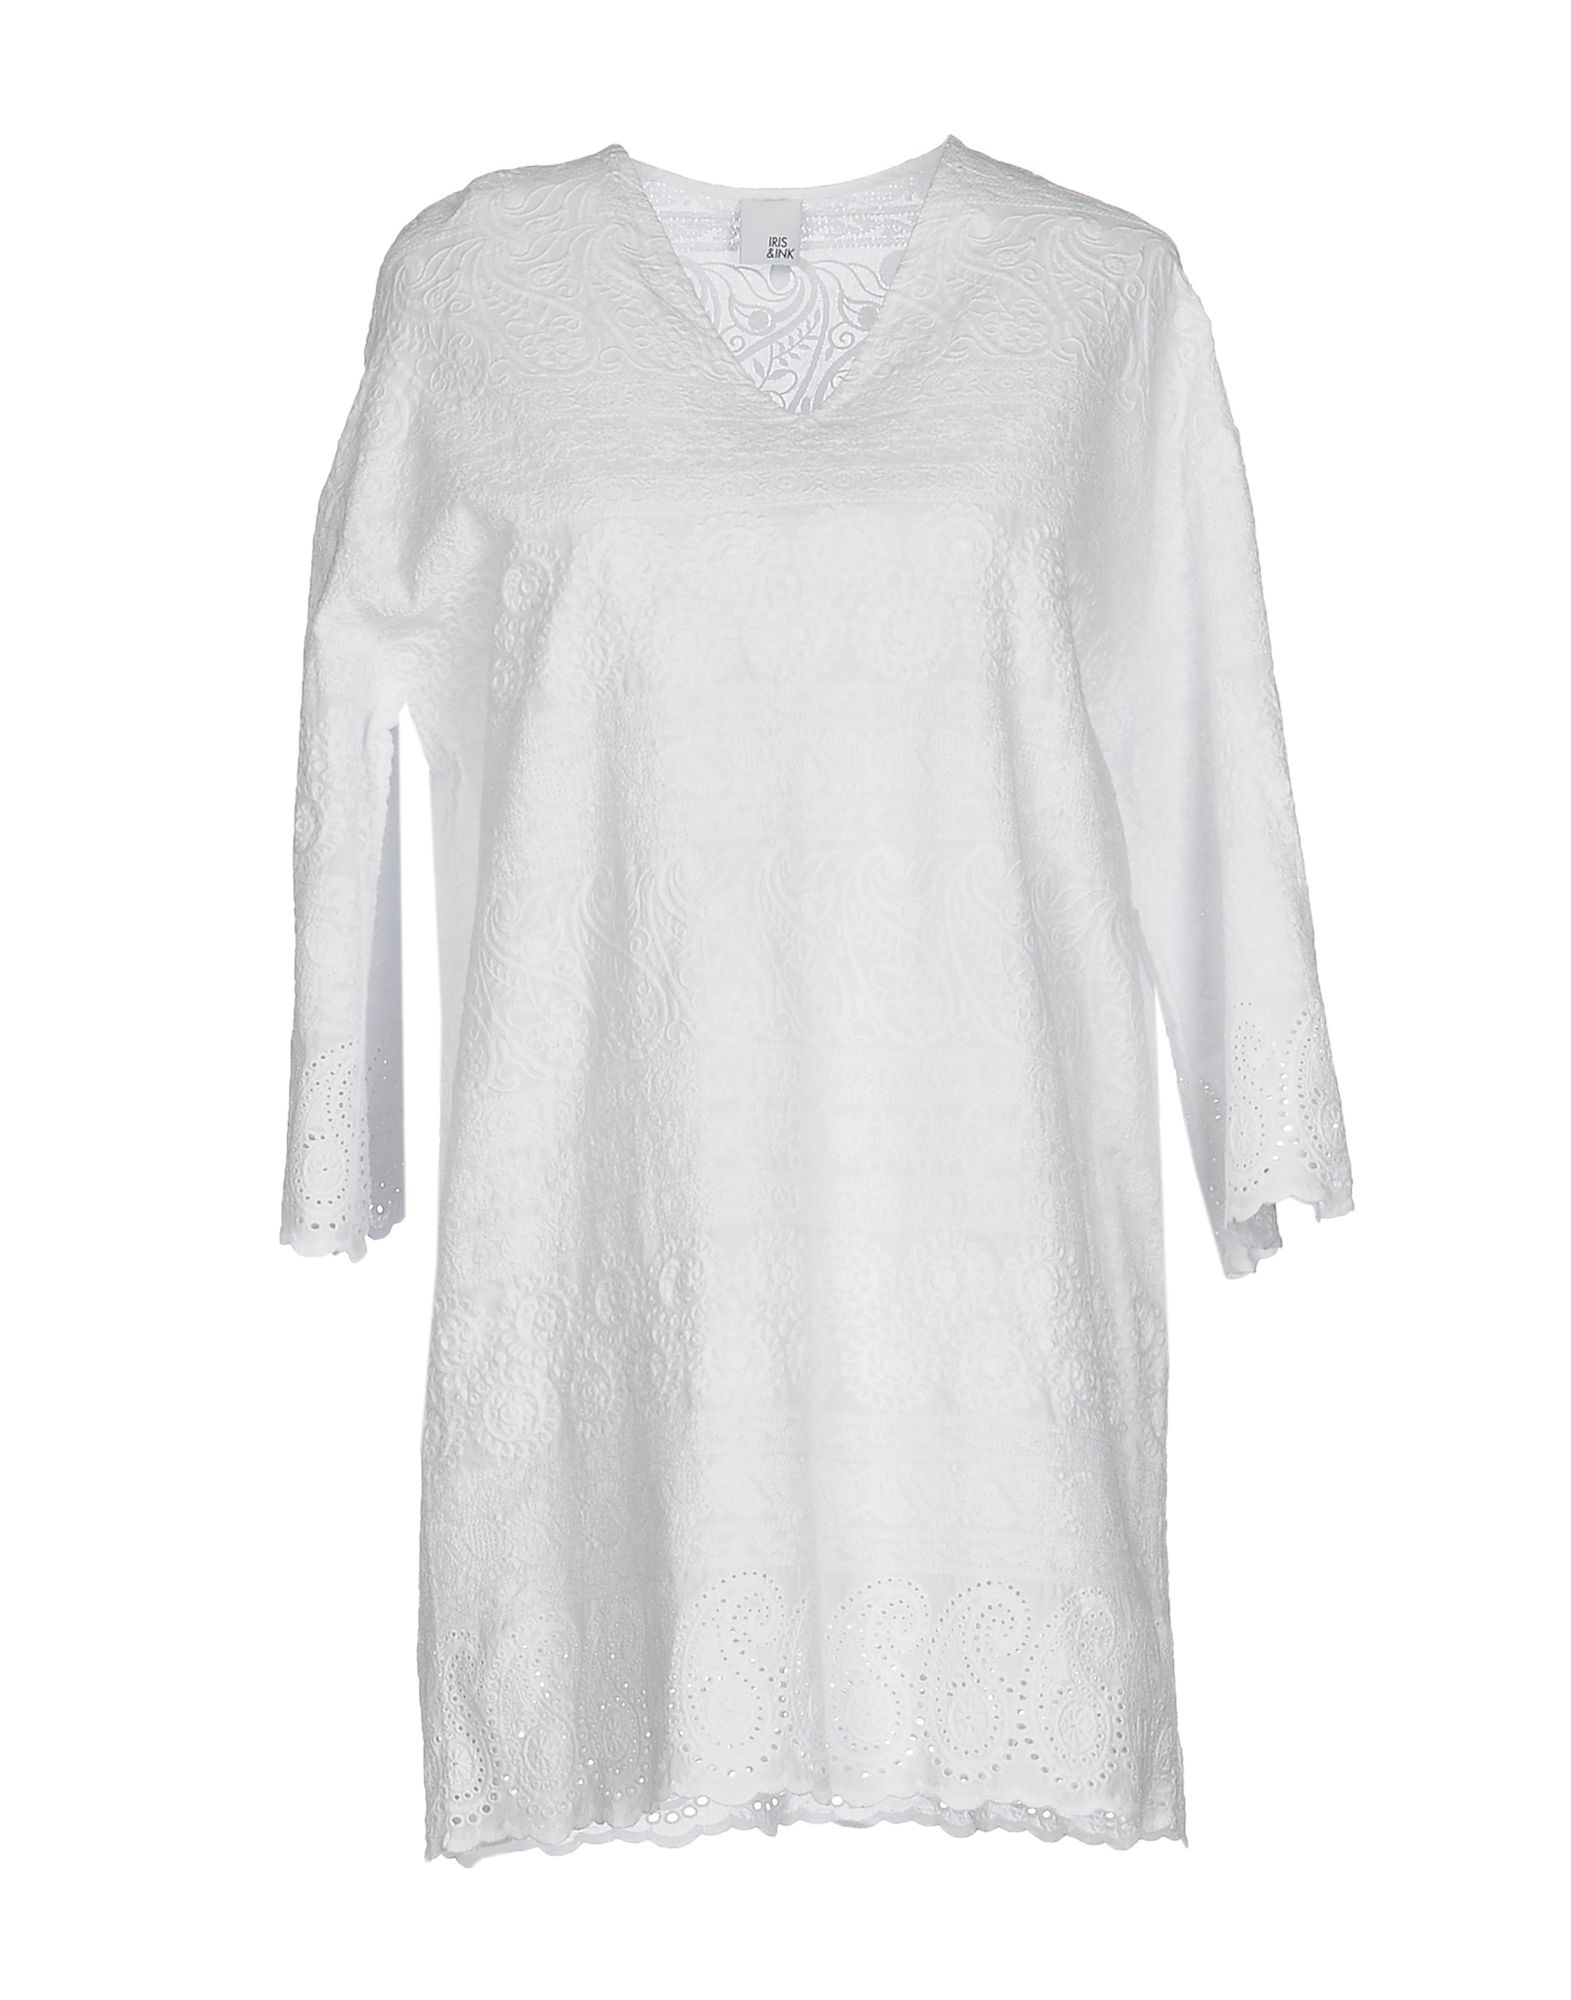 IRIS & INK Короткое платье модное сексуальное backless шнурок вышитый крест ремень slim трубчатое платье венчания